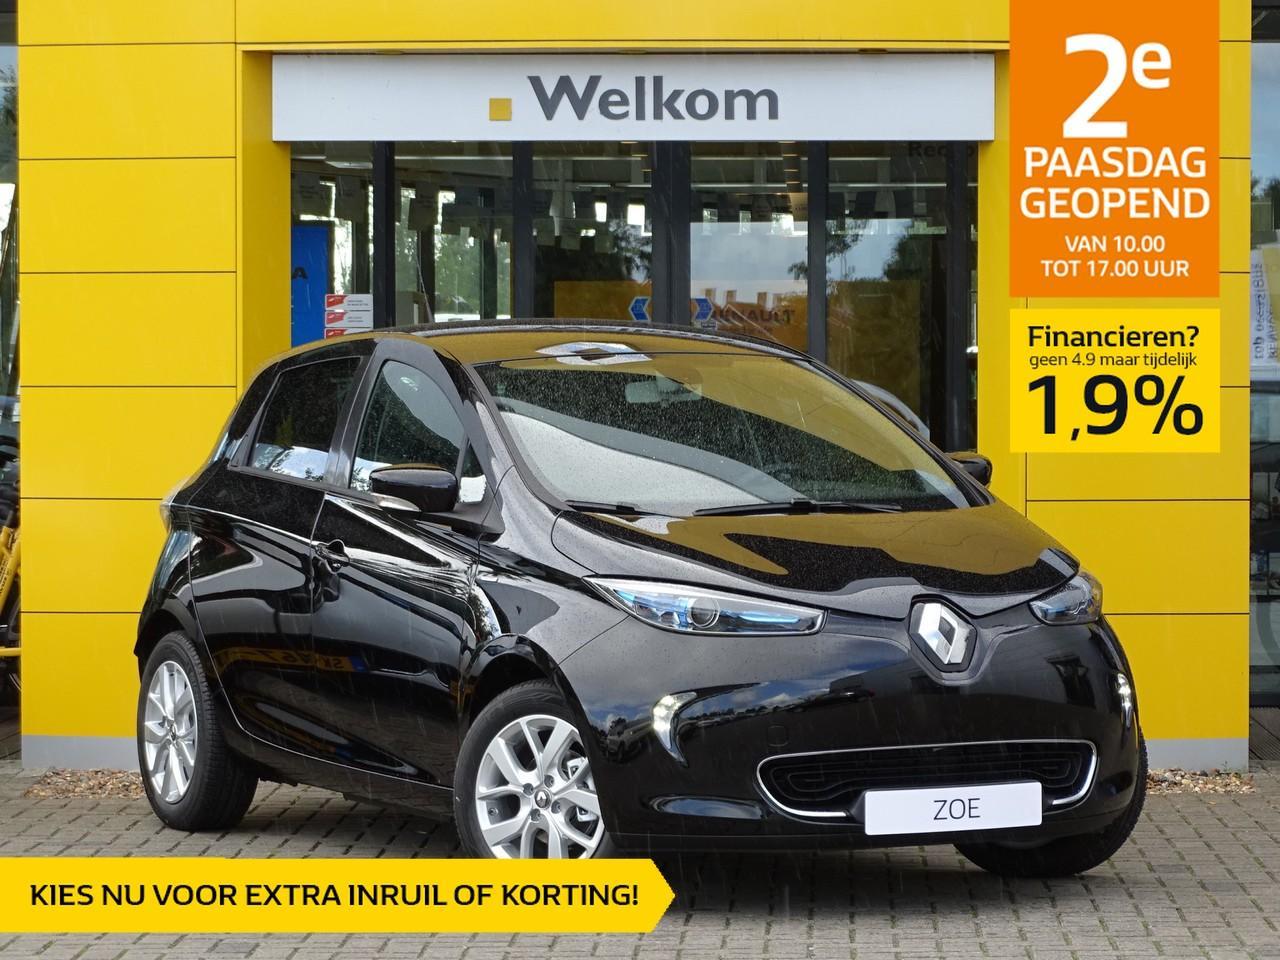 Renault Zoe R110 limited z.e. 40 normaal rijklaar 27.795- nu rijklaar 26.295,- + gratis laadpaal of greenflux laadpas